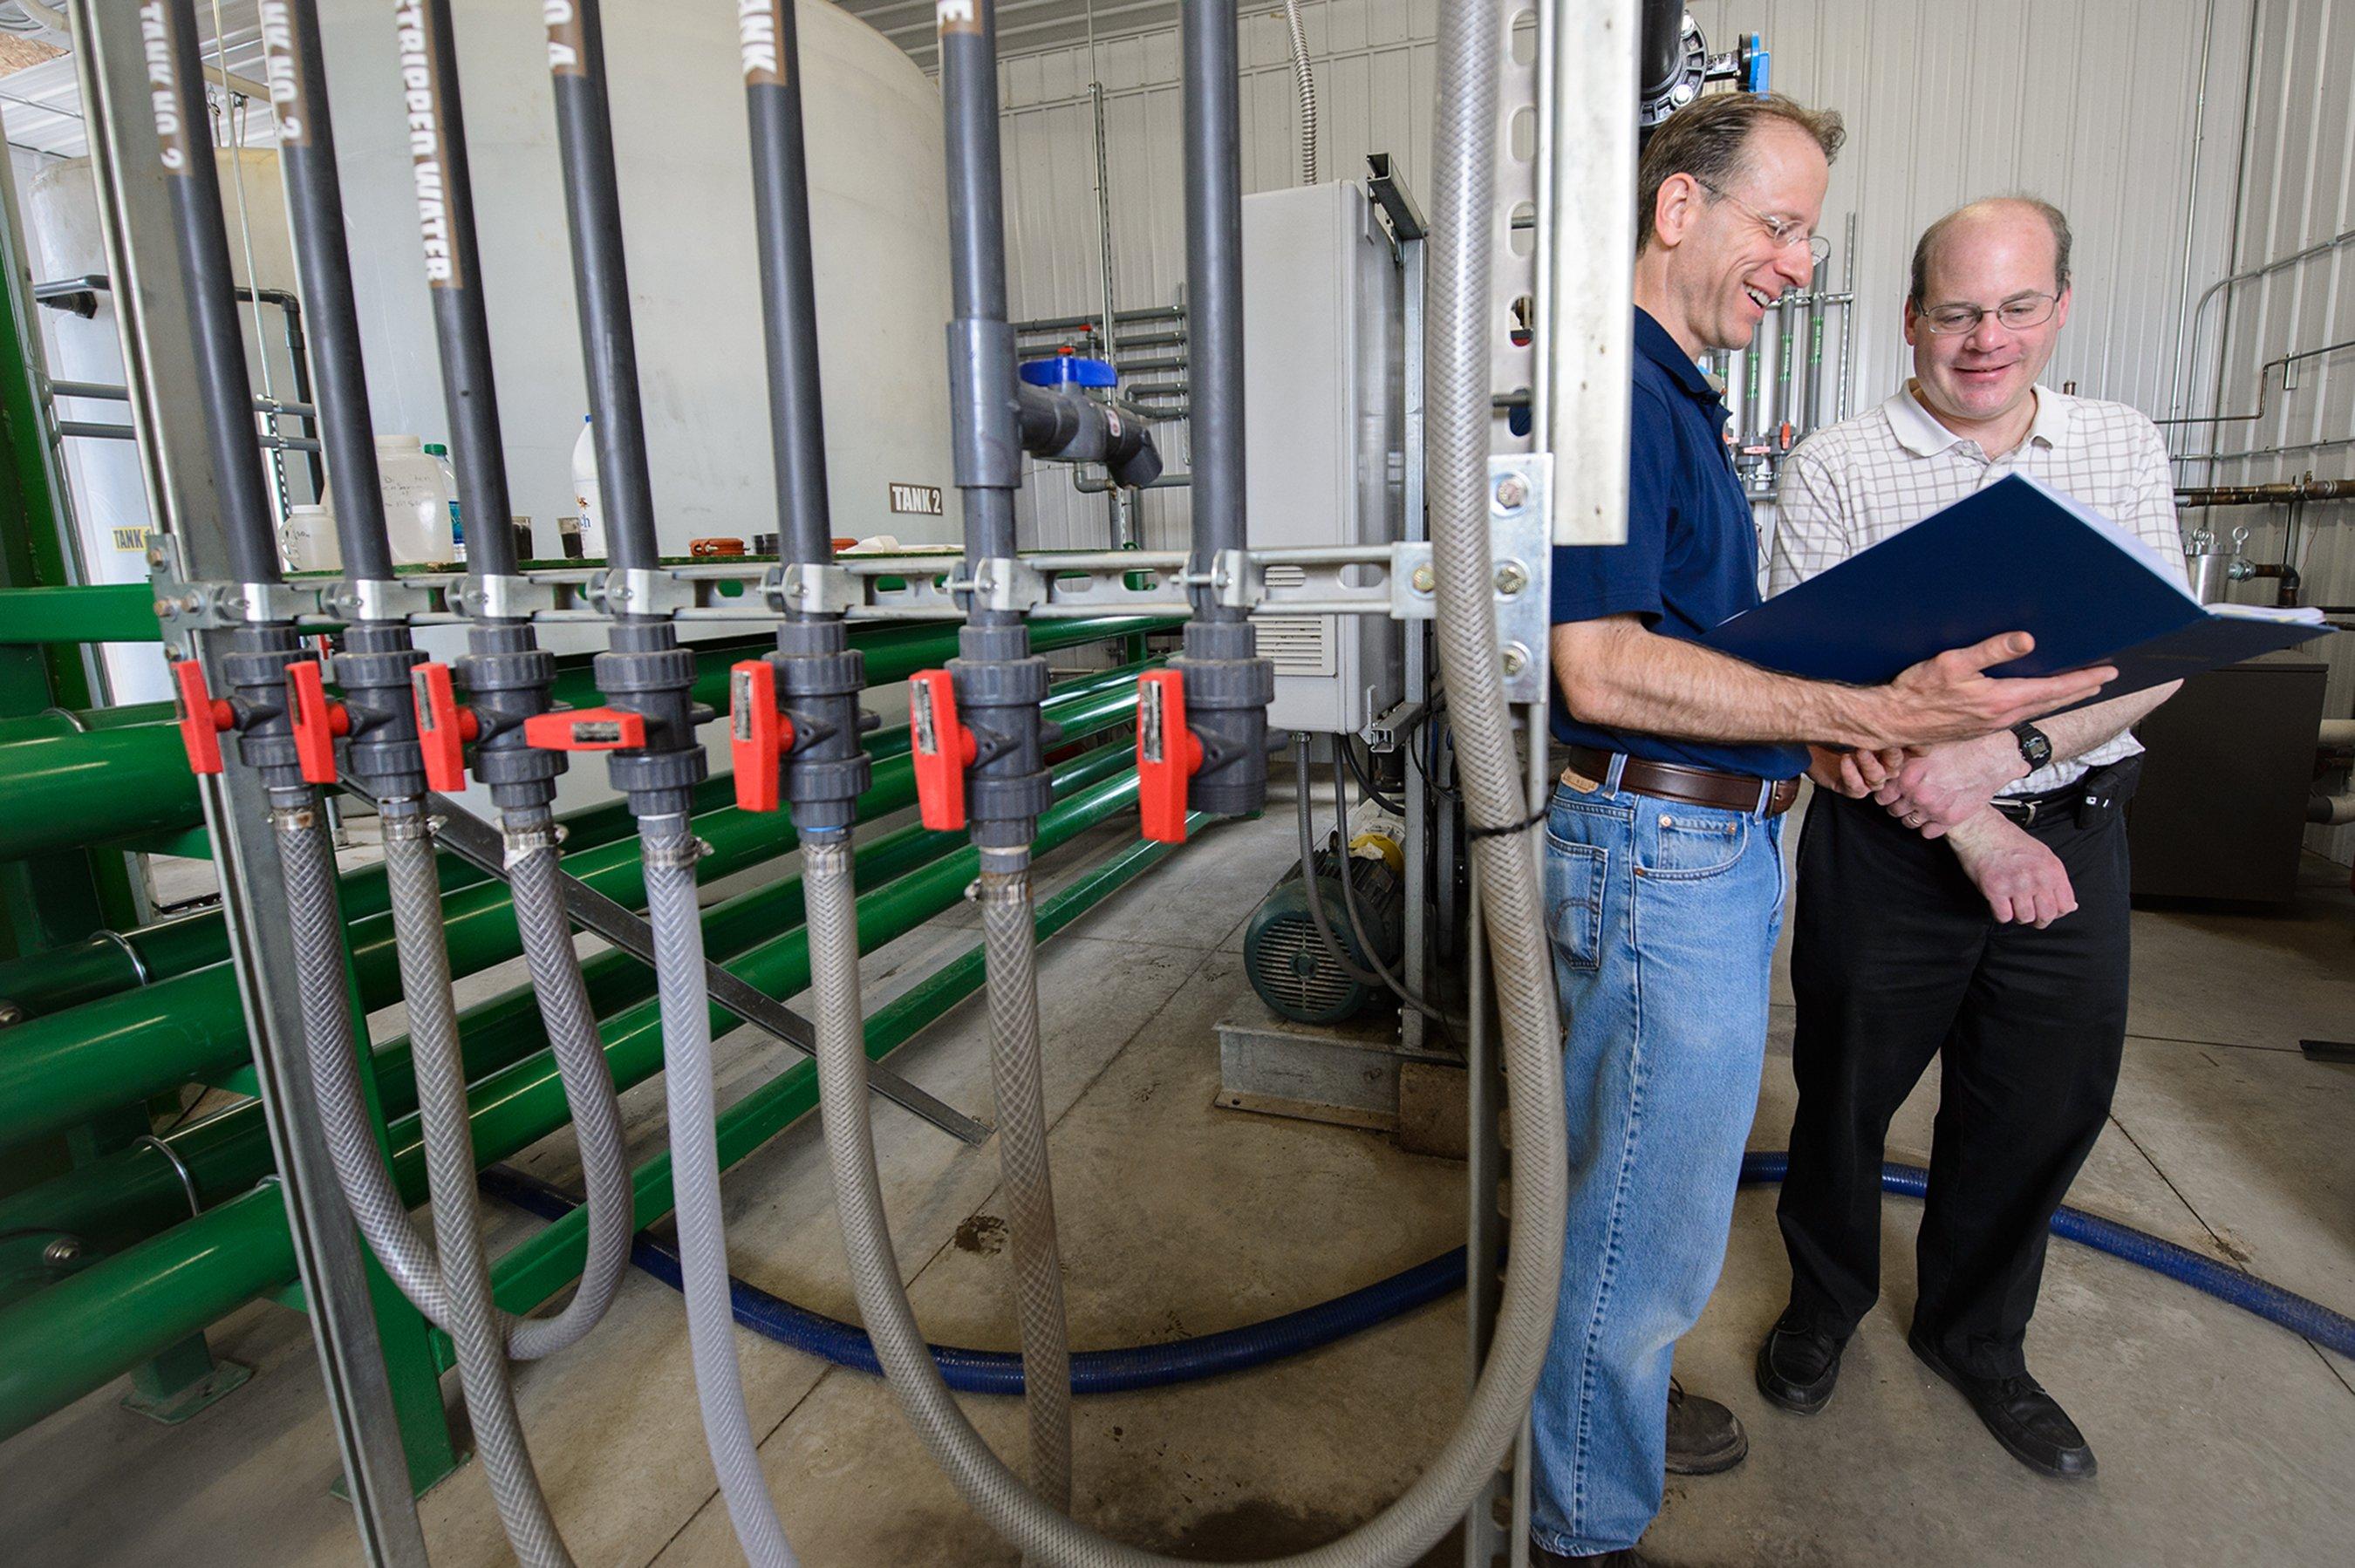 Der ehemalige Doktorand der Michigan State University Jim Wallace (li.) und dessen Professor Steve Safferman gehören zum Team, das die neue Filtertechnologie entwickelt hat. Das System gewinnt aus Kuhmist nicht nur Energie und Düngemittel, sondern auch trinkbares Wasser. Die Anlage soll für Farmer in trockenen Landstrichen wirtschaftlich einsetzbar sein.